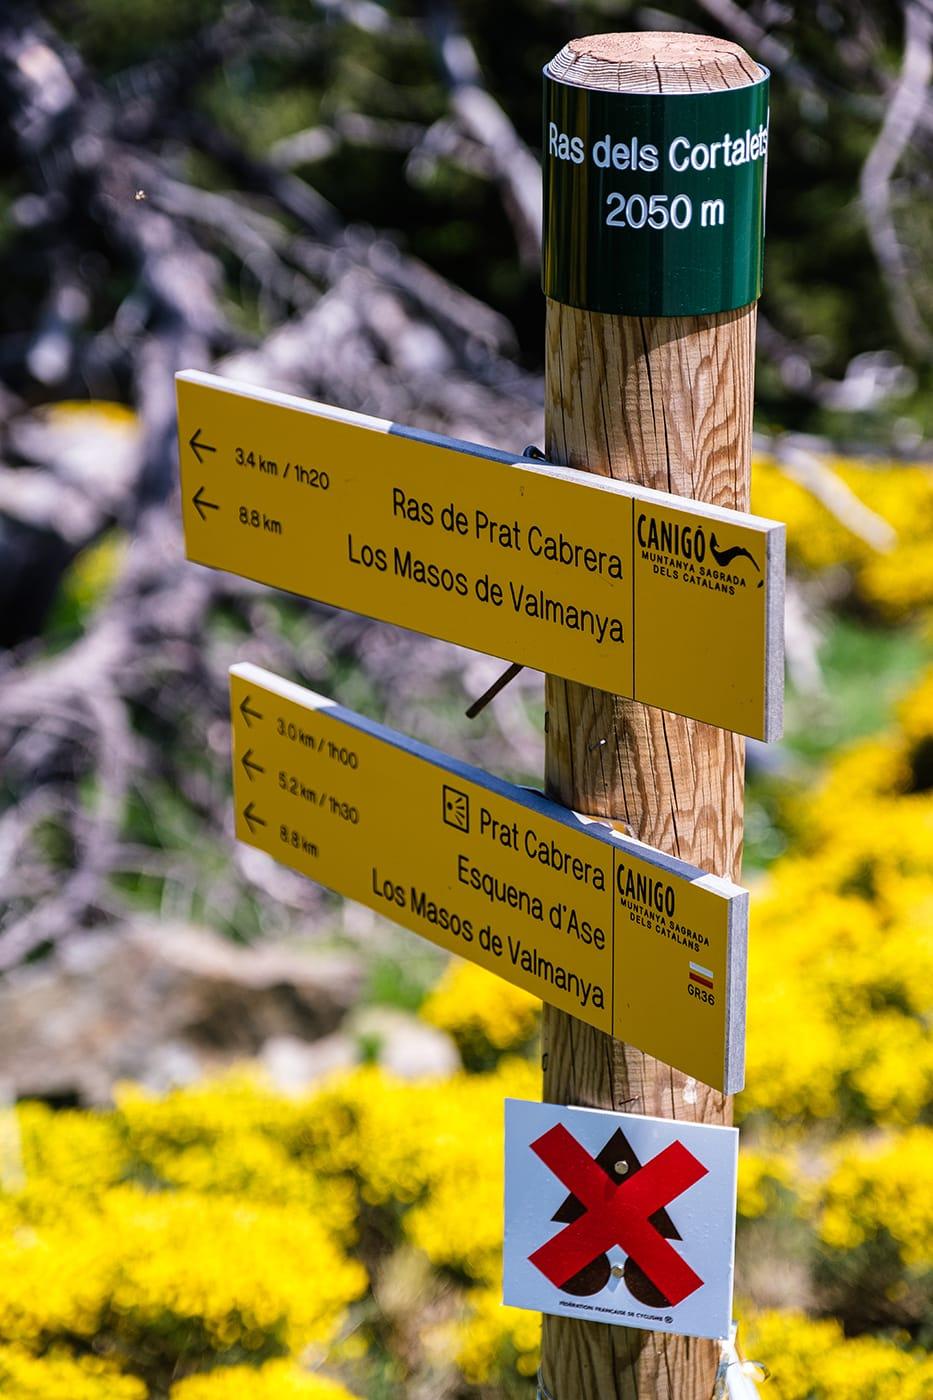 panneau indication randonnée pic du canigou par les cortalets